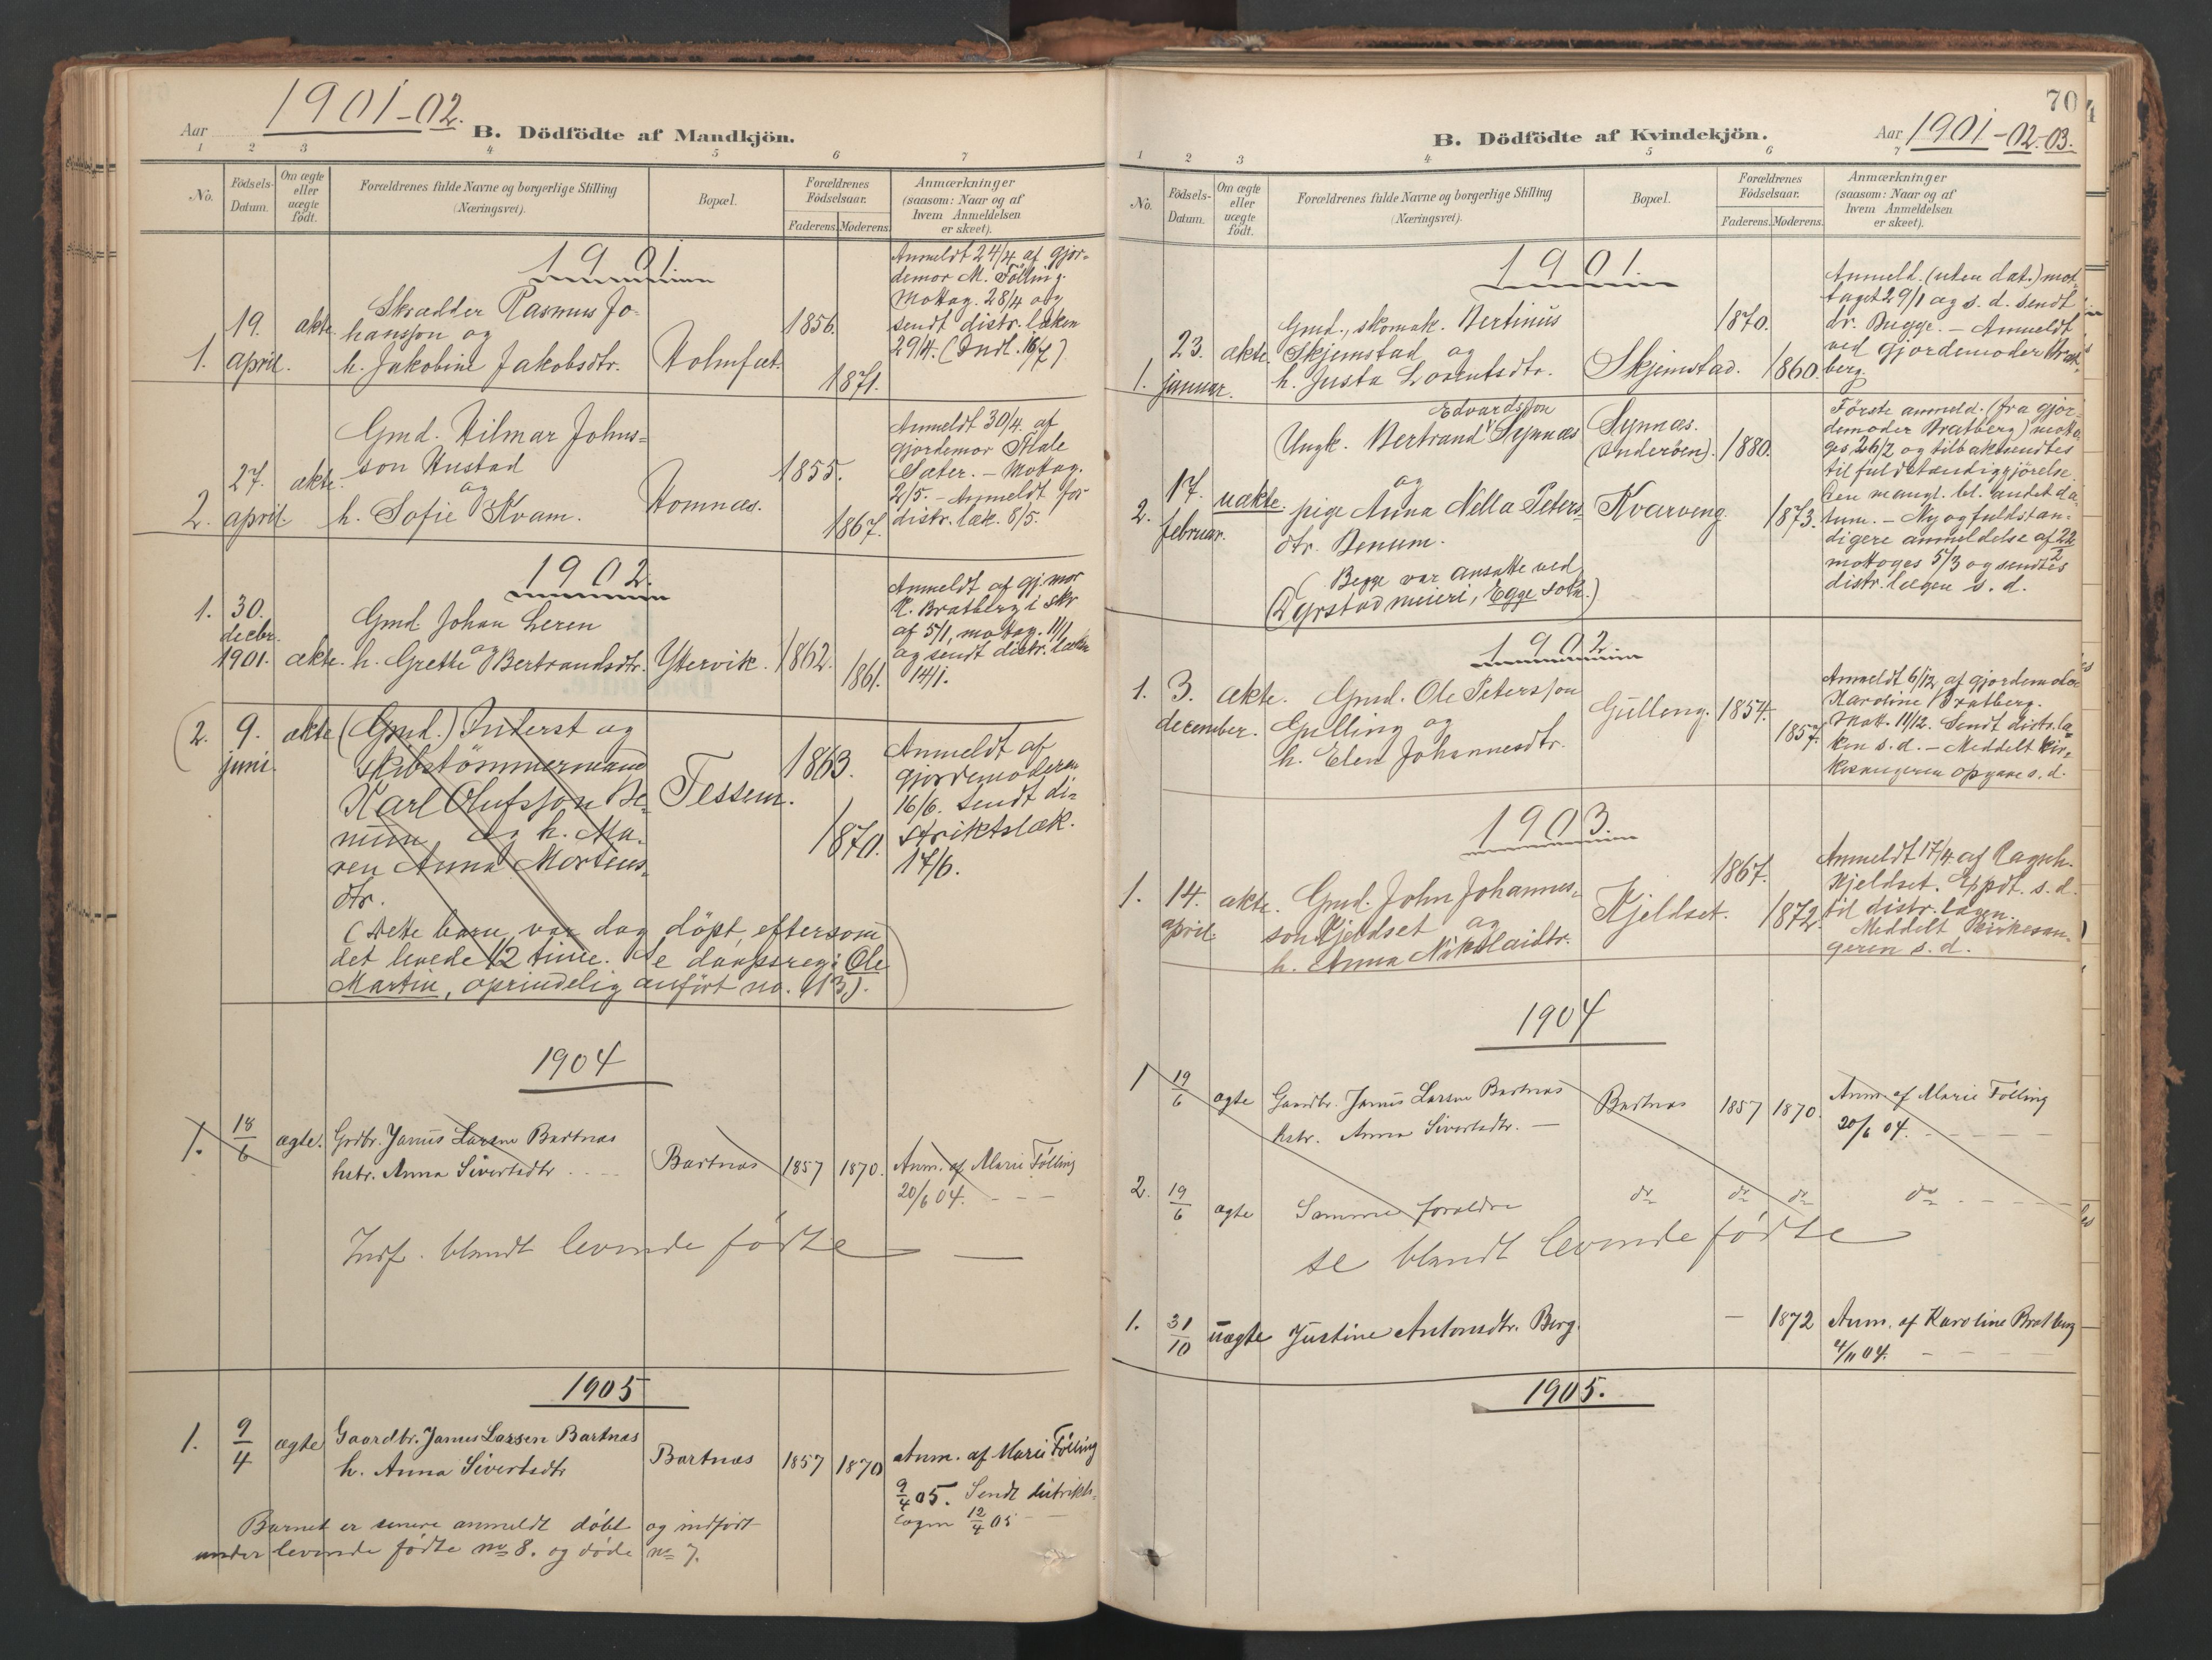 SAT, Ministerialprotokoller, klokkerbøker og fødselsregistre - Nord-Trøndelag, 741/L0397: Ministerialbok nr. 741A11, 1901-1911, s. 70